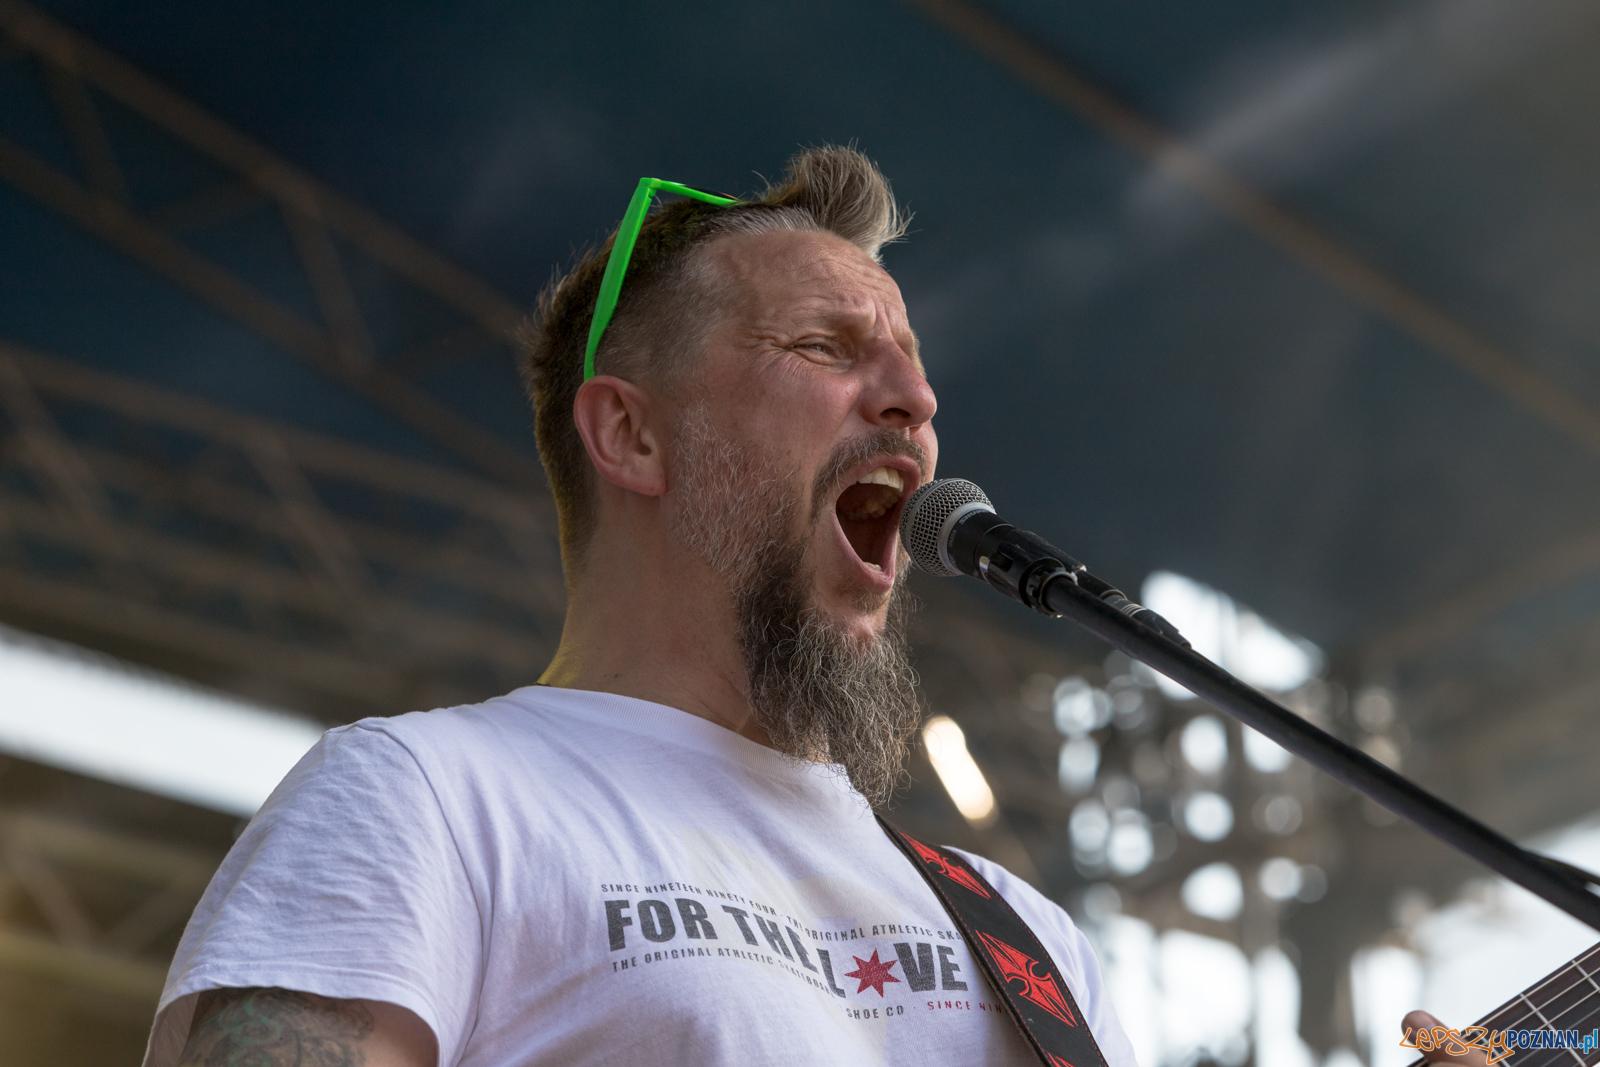 #NaFalach - Luxfest - Arka Noego  Foto: lepszyPOZNAN.pl/Piotr Rychter